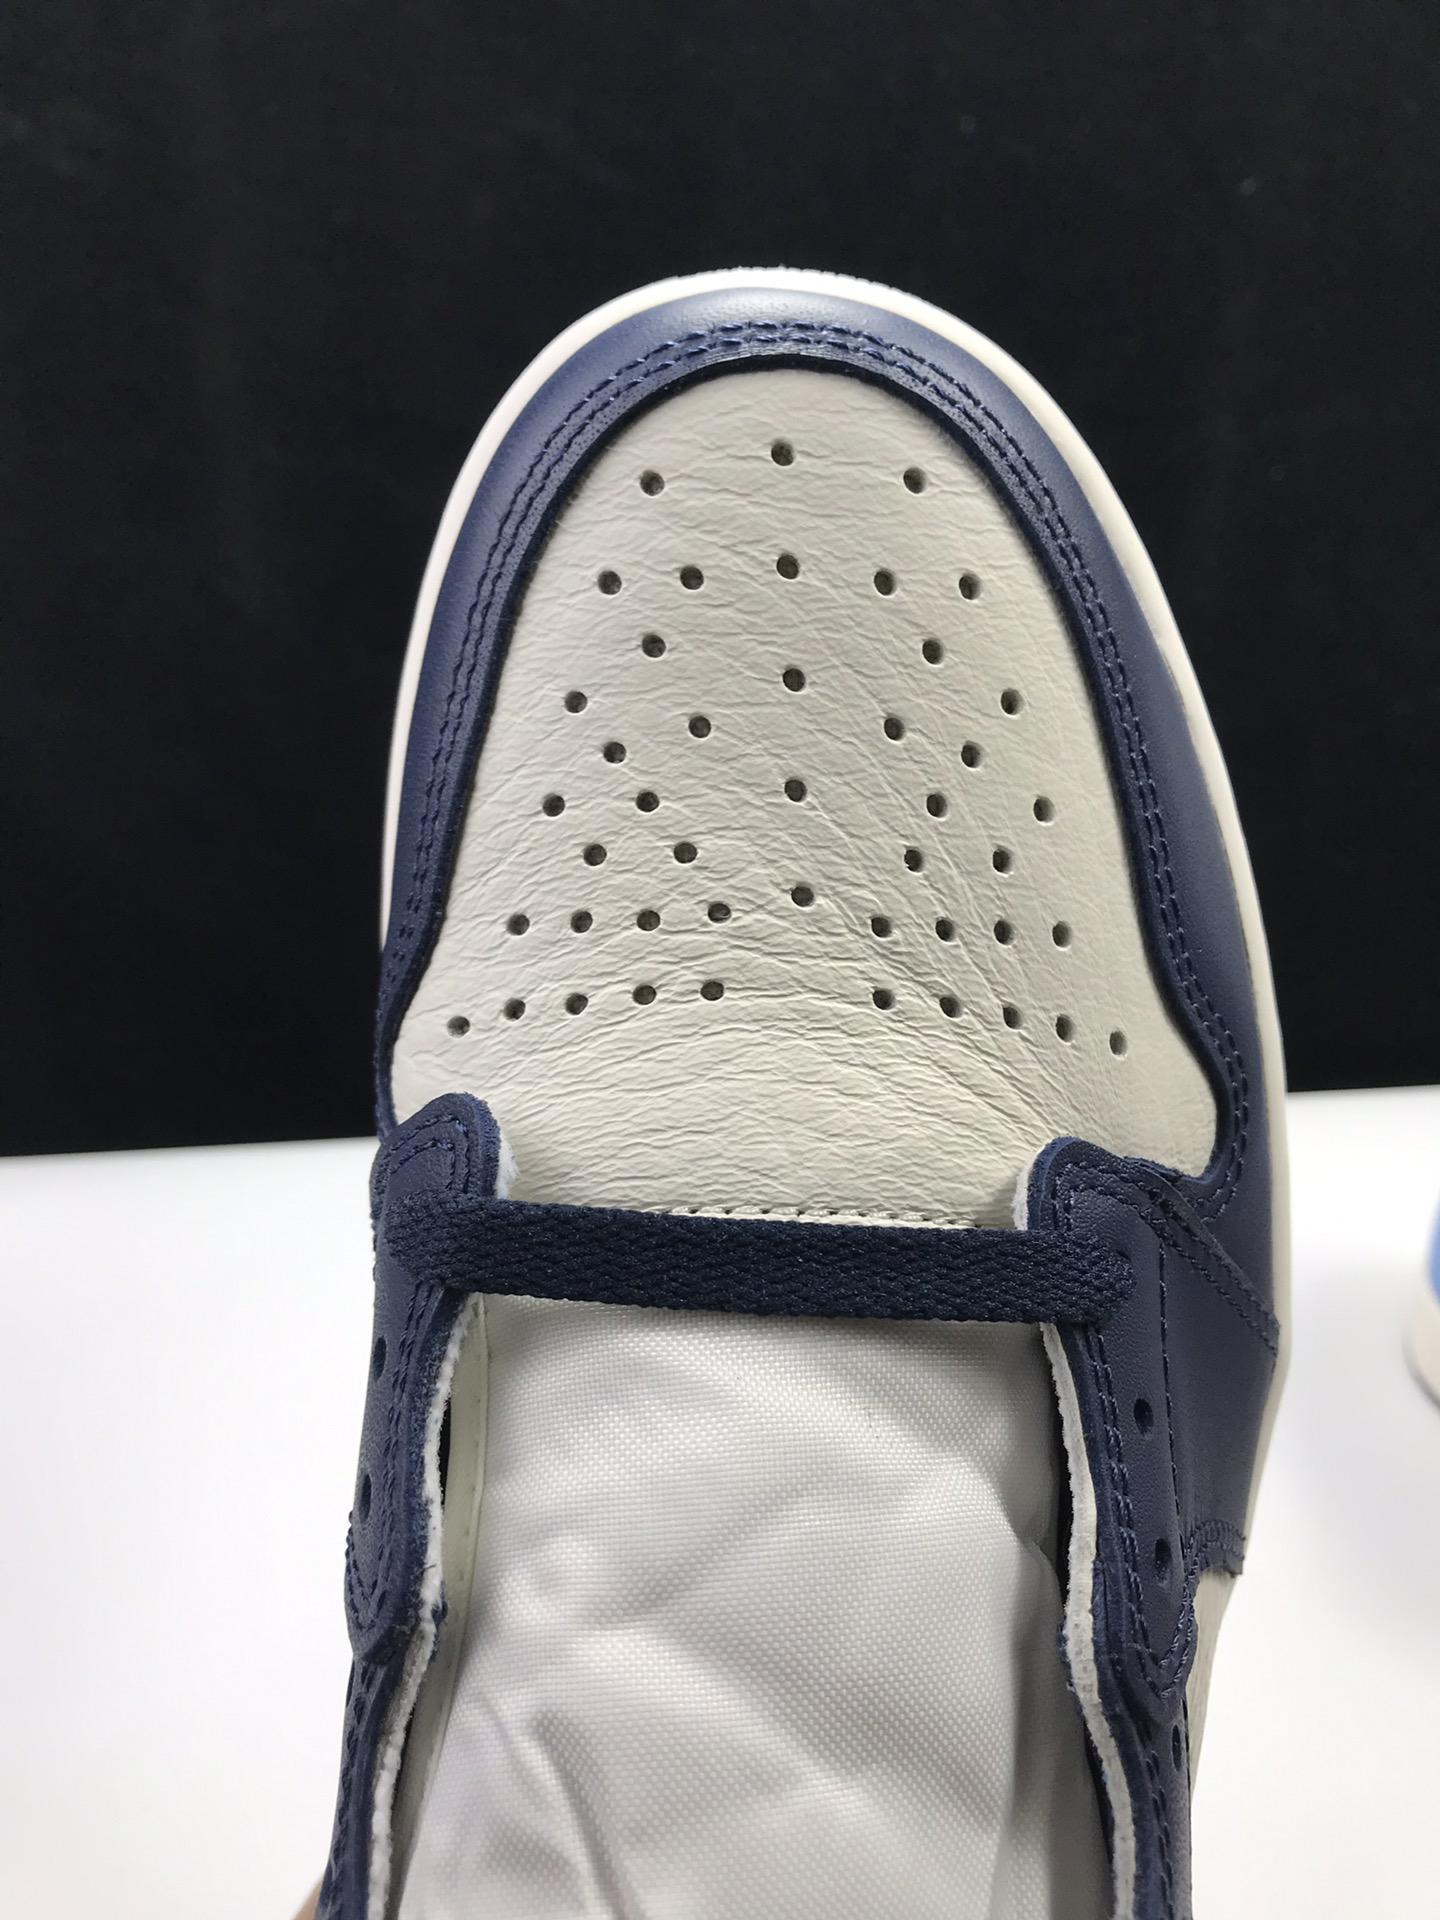 东莞L版:AJ1北卡蓝  莞产 Air Jordan 1 Retro High OG,货号:555088-140_ljr版本和正品